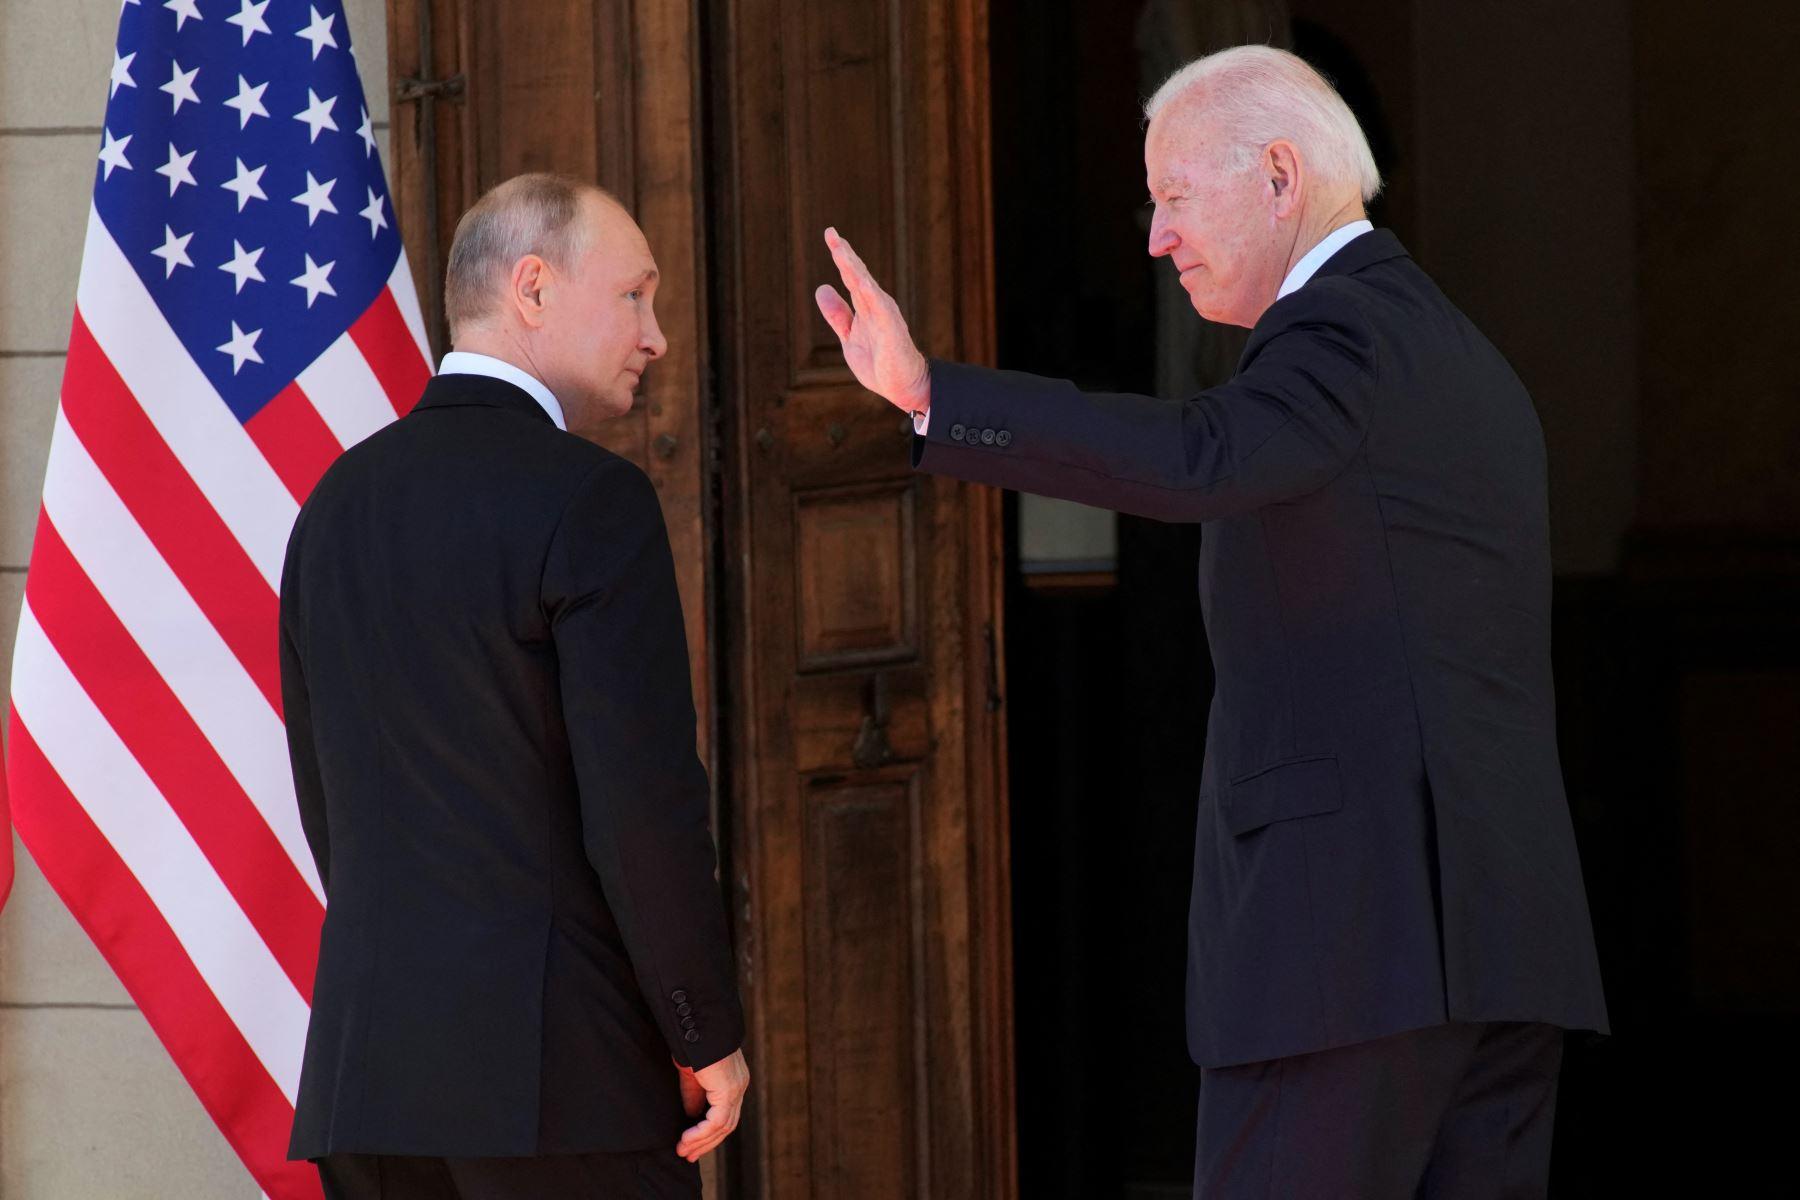 Vladímir Putin y Joe Biden se saludan antes del inicio de la reunión. Suiza ha desplegado a más de 4.000 policías y militares. La ciudad, sobre todo el centro y los alrededores de la Villa La Grange, están blindados. Foto: AFP